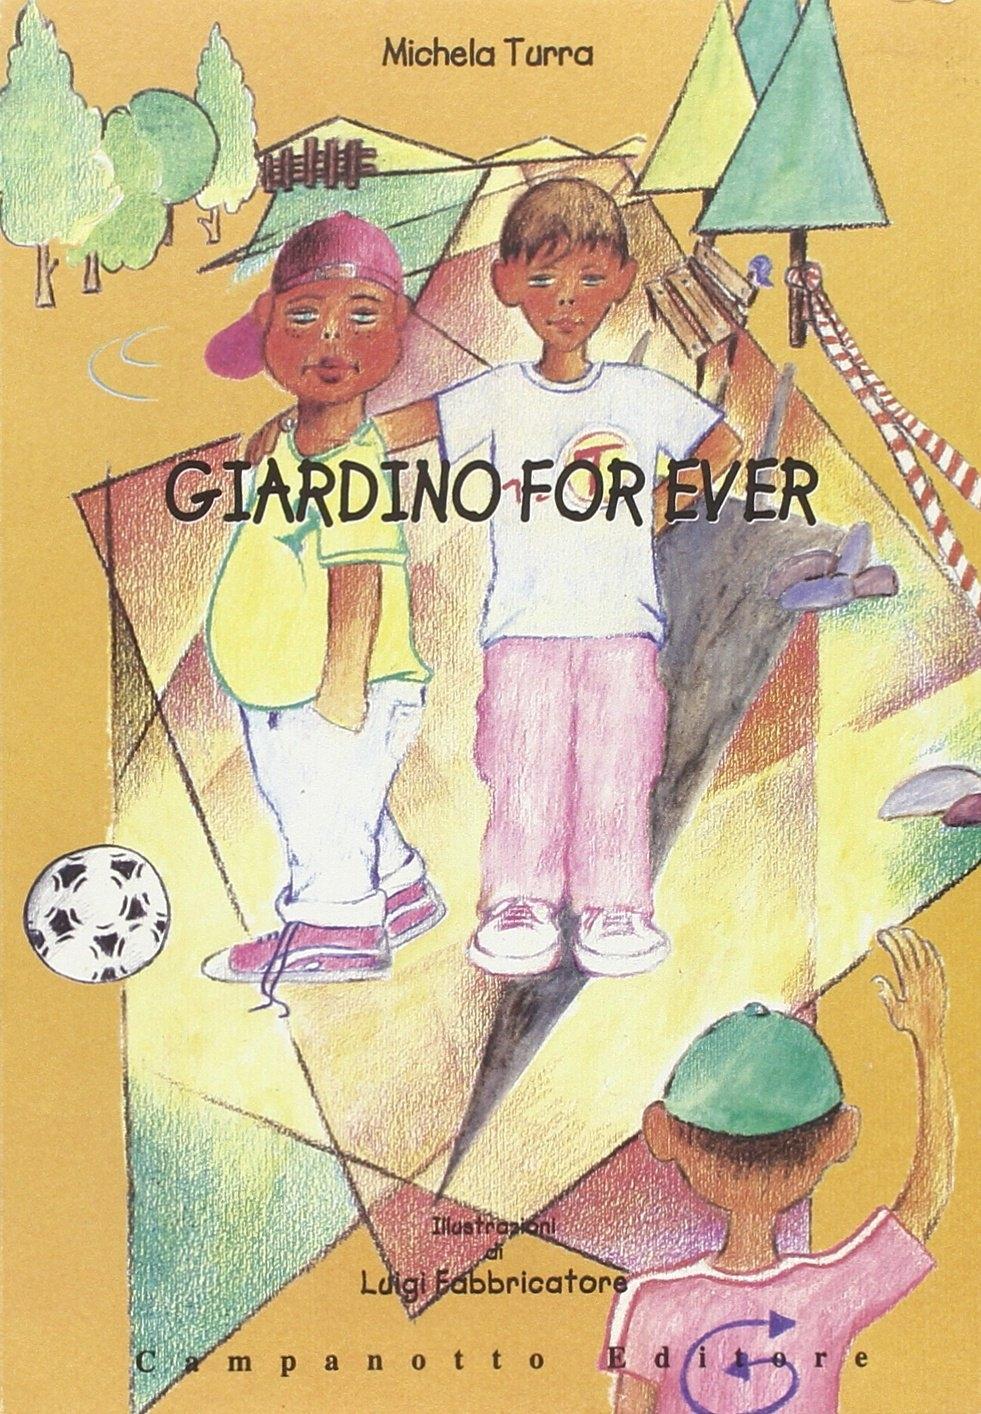 Giardino for ever